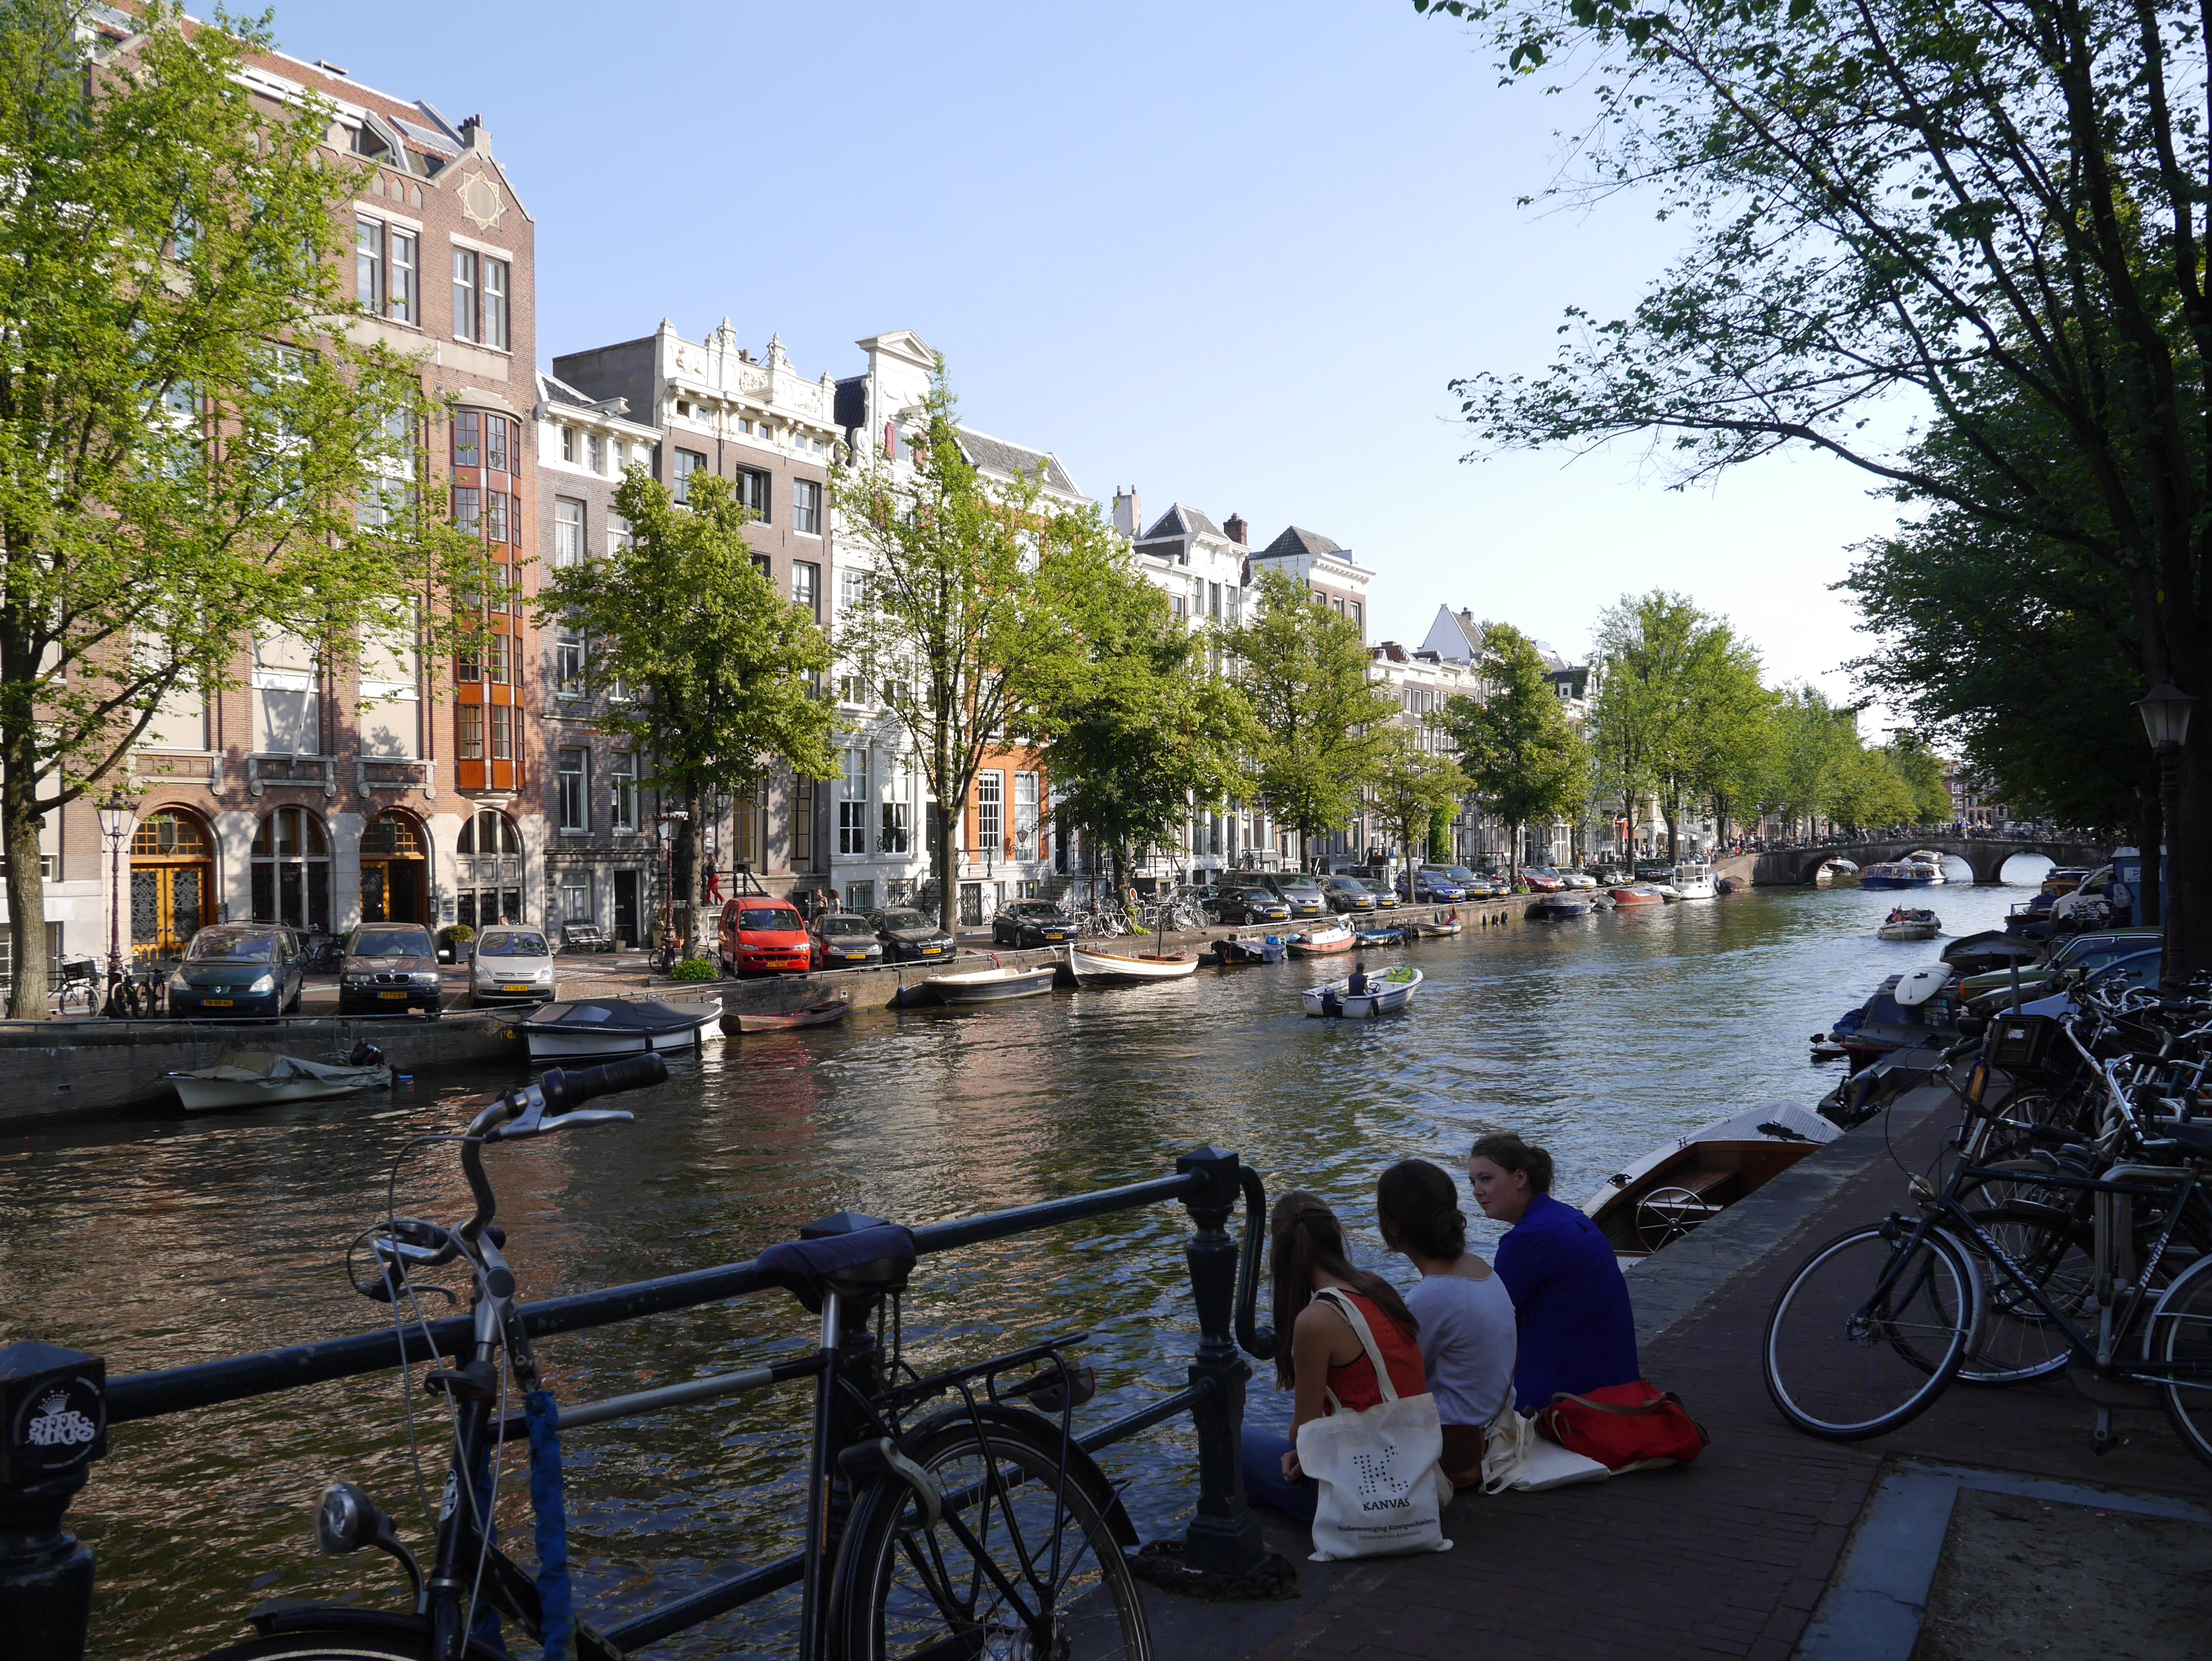 前往荷蘭旅行請看這邊!!! (定期更新)